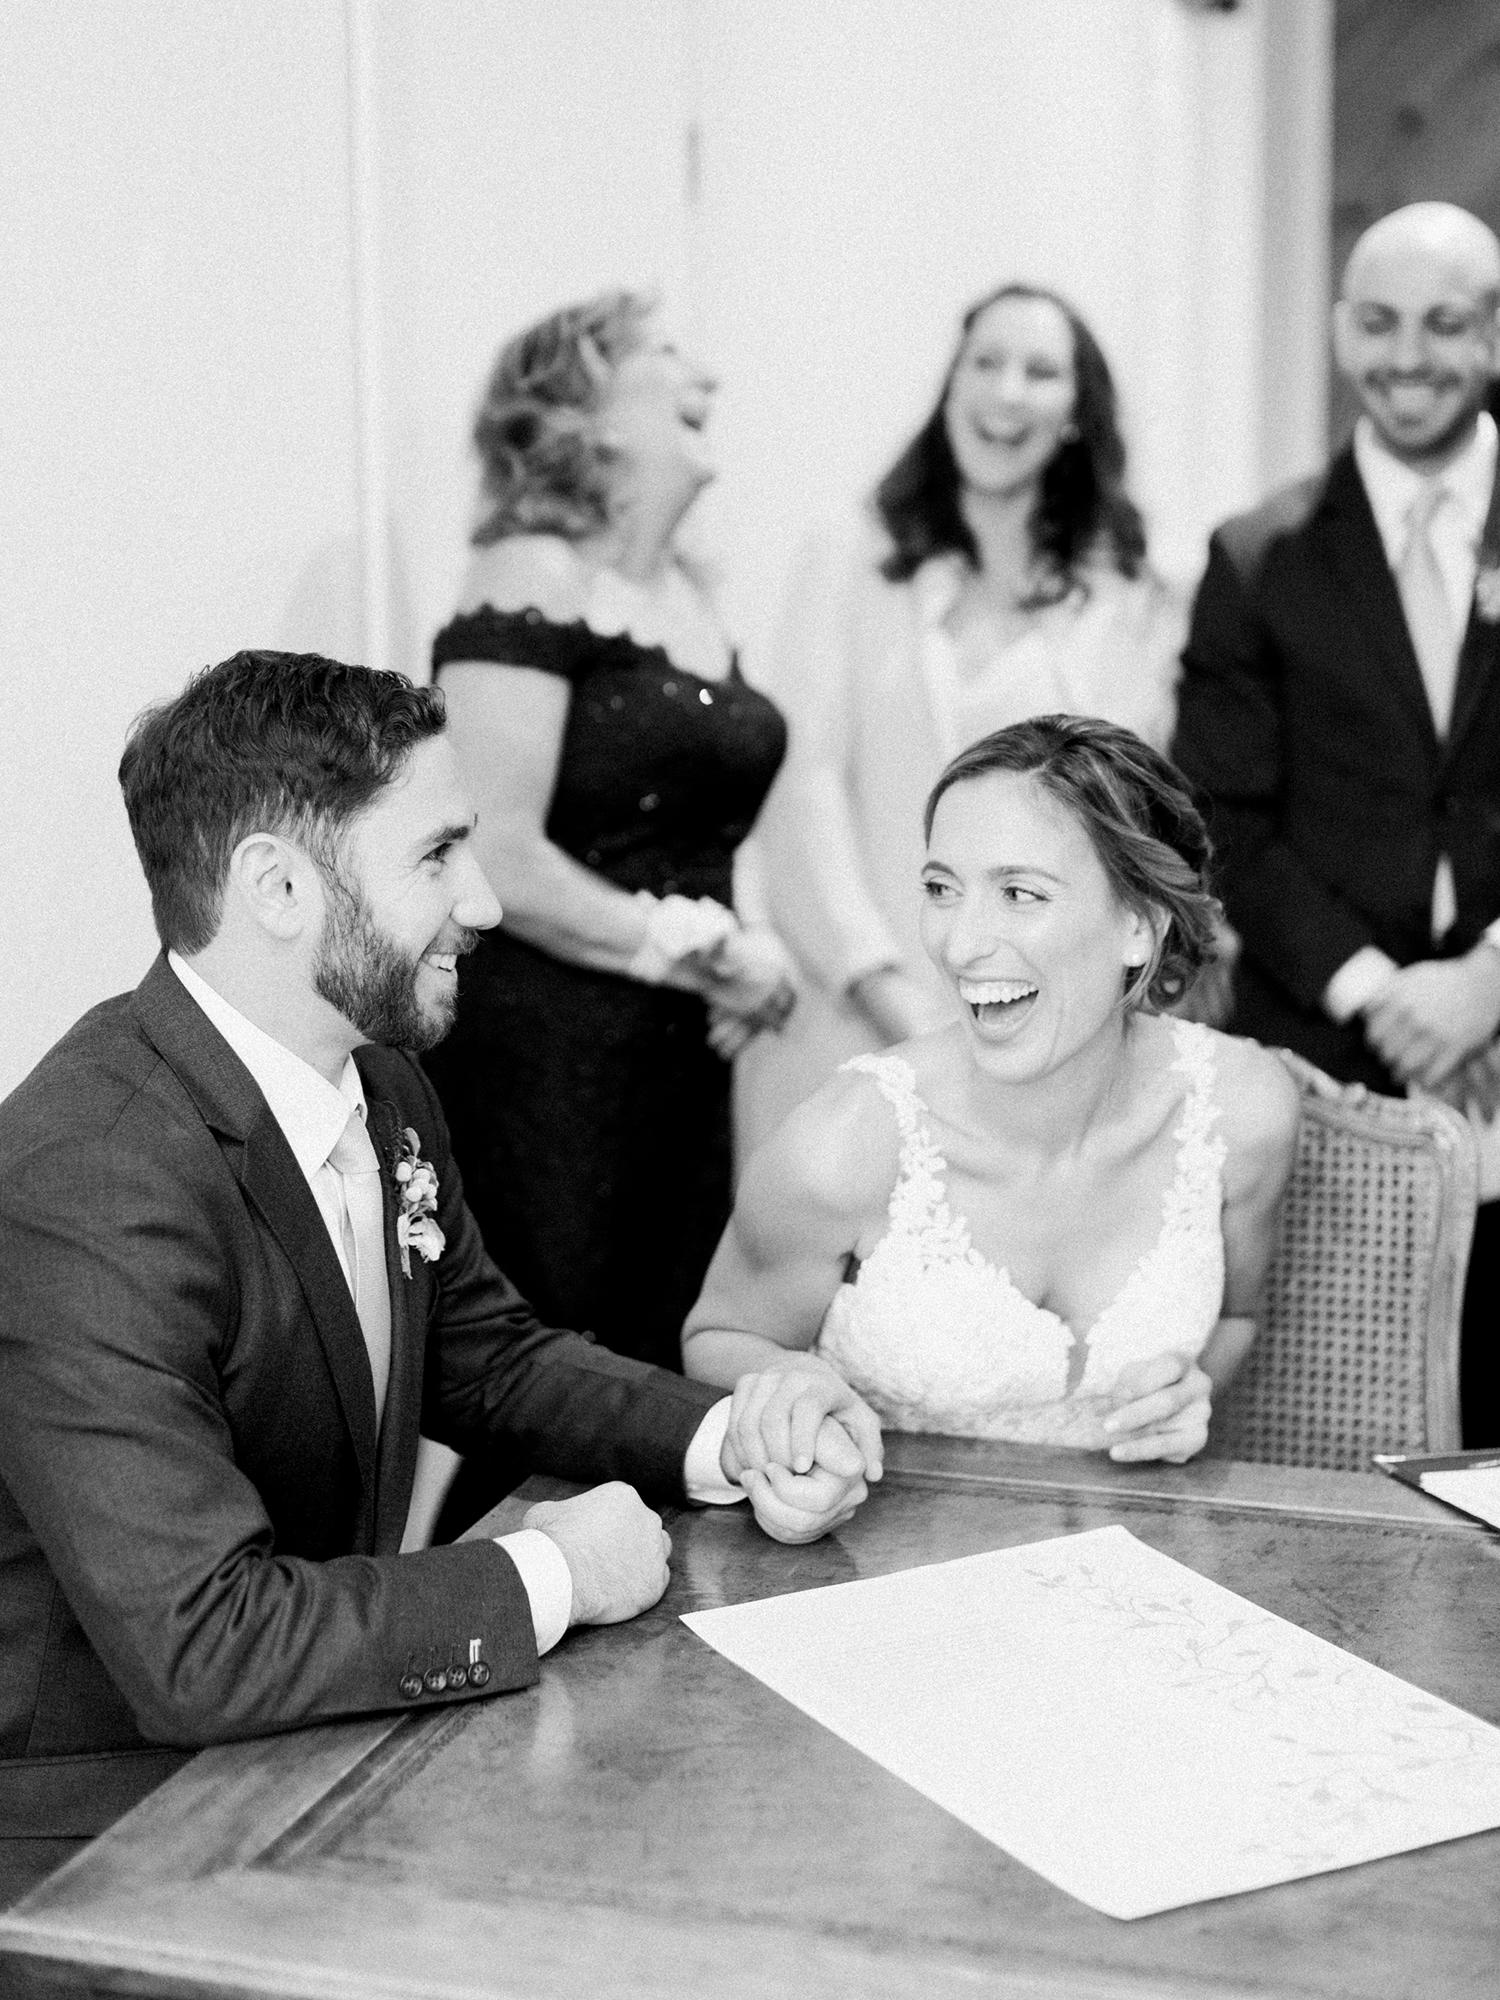 lauren aaron wedding ketubah signing